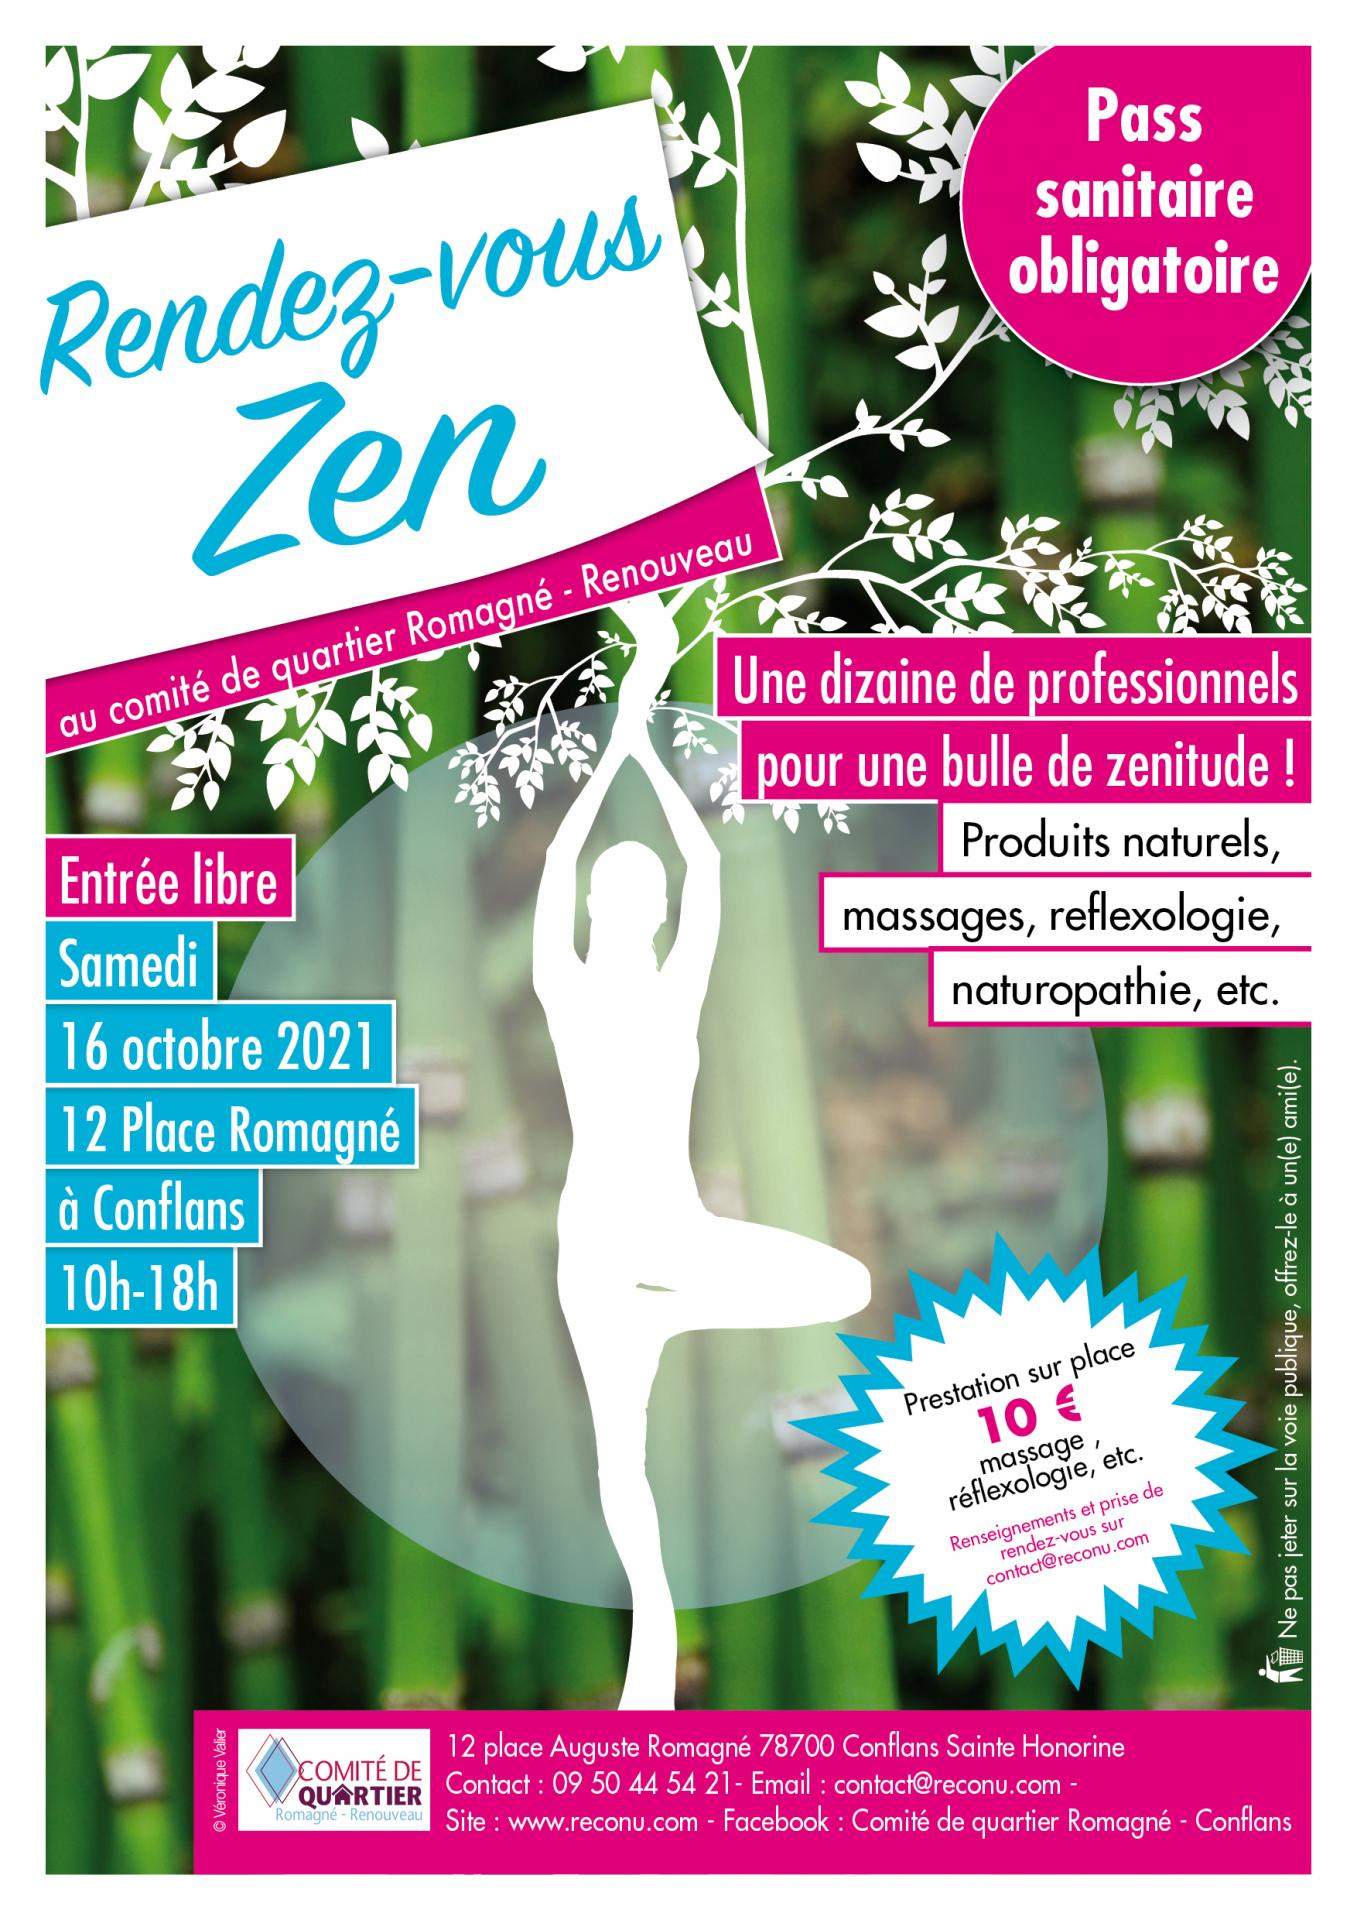 Affiche rendez vous zen oct 2023